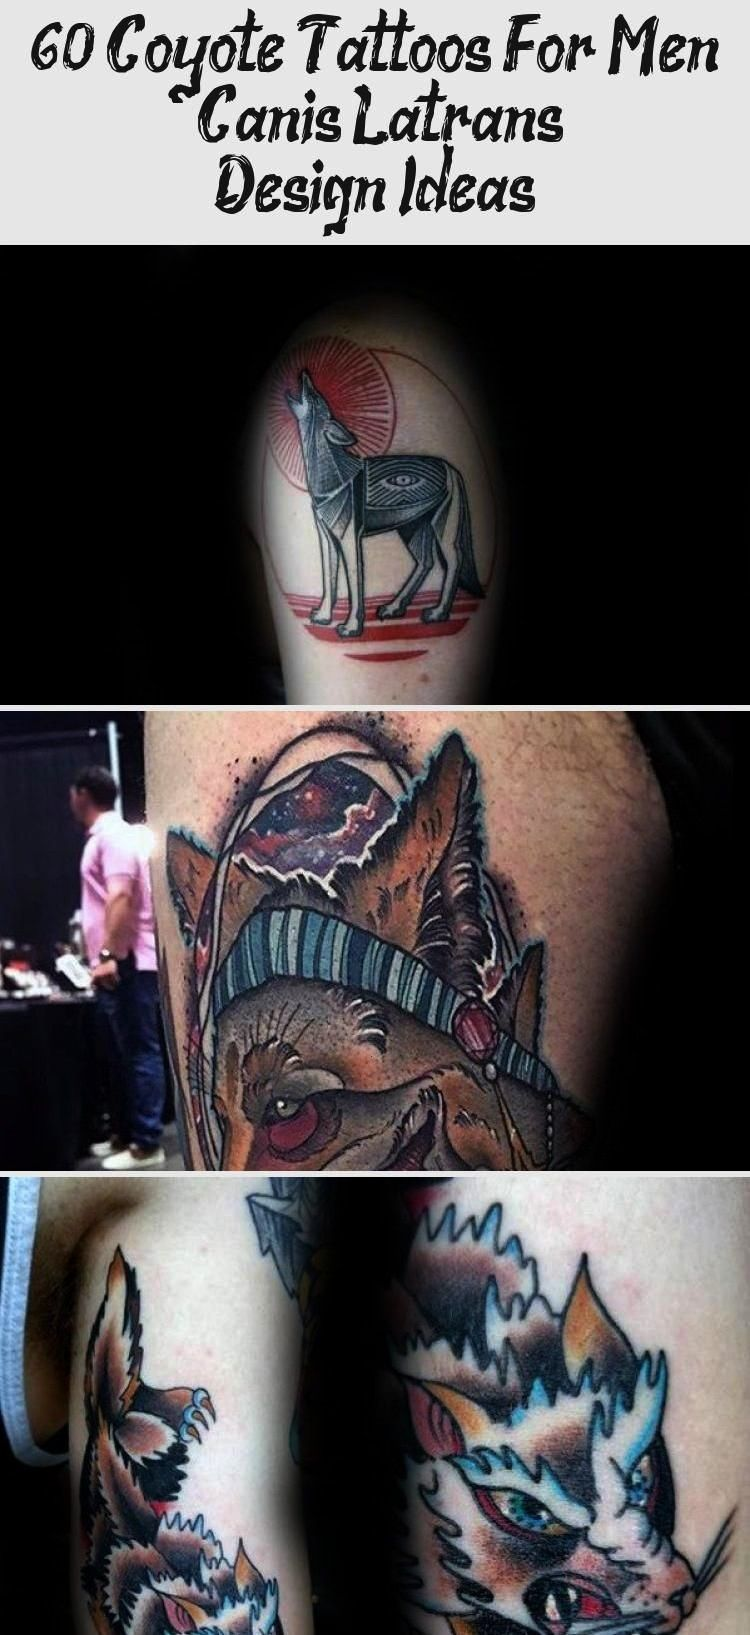 Coyote Tattoos For Men  Canis Latrans Design Ideas  Best Tattoos  60 Coyote Tattoos For Men  Canis Latrans Design Ideas 60 Coyote Tattoos For Men  Canis Latrans Design Id...